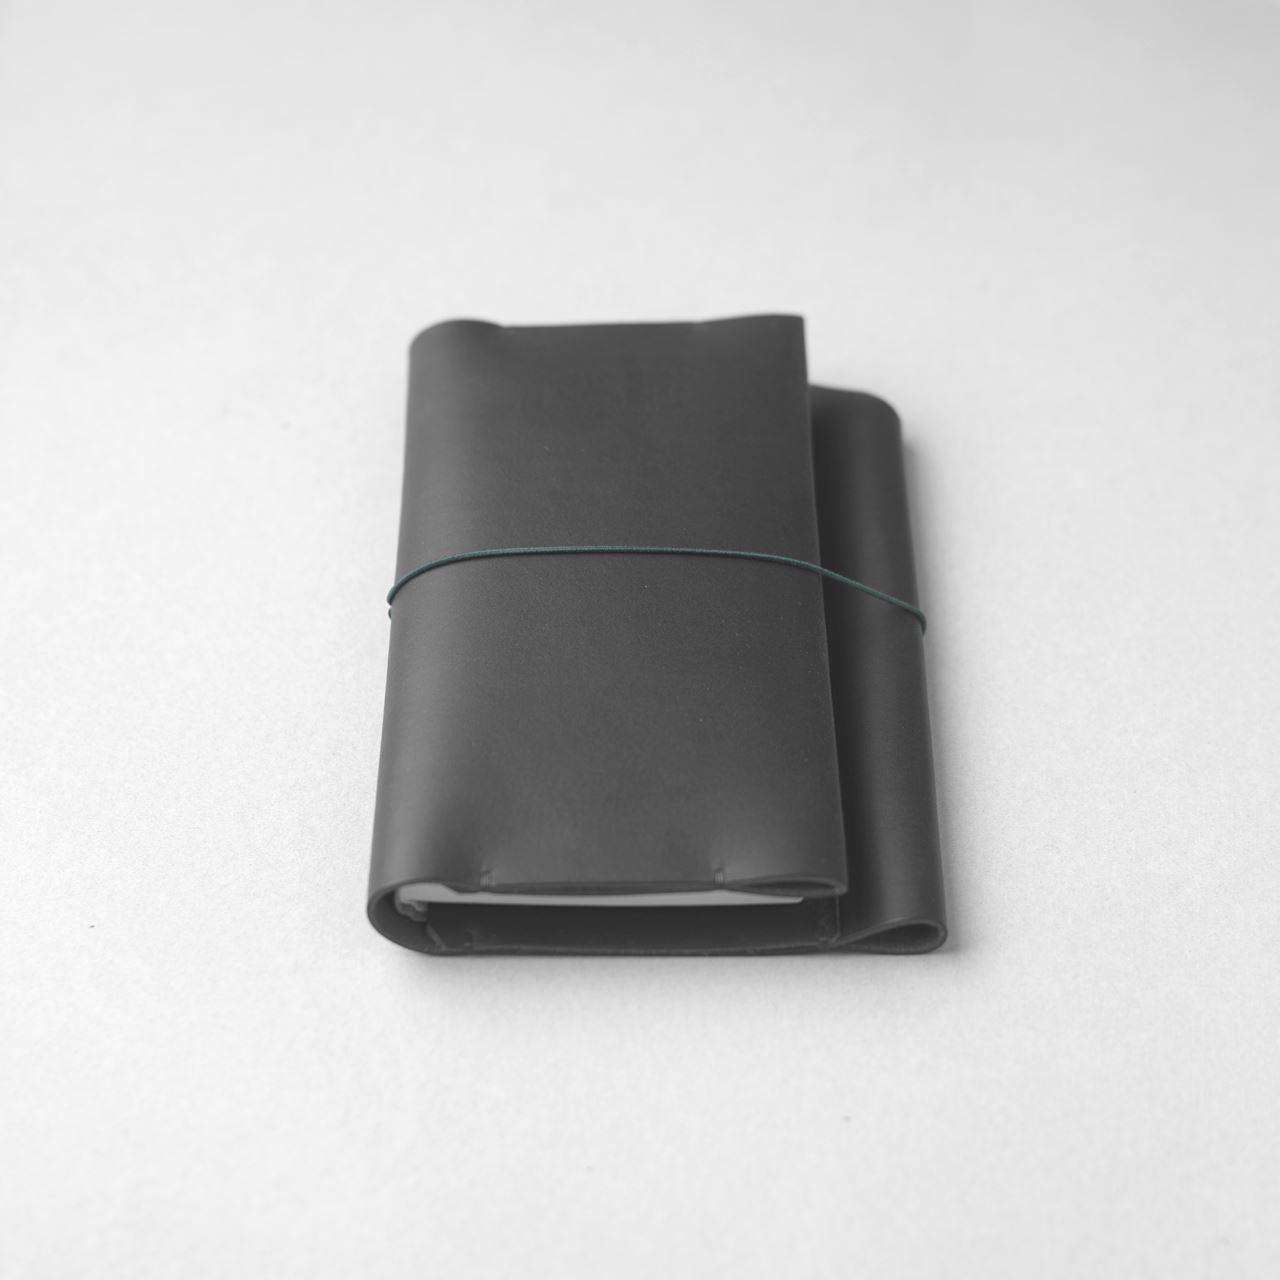 黒いほぼ日手帳カバー1型WEEKS MEGAサイズをつくる